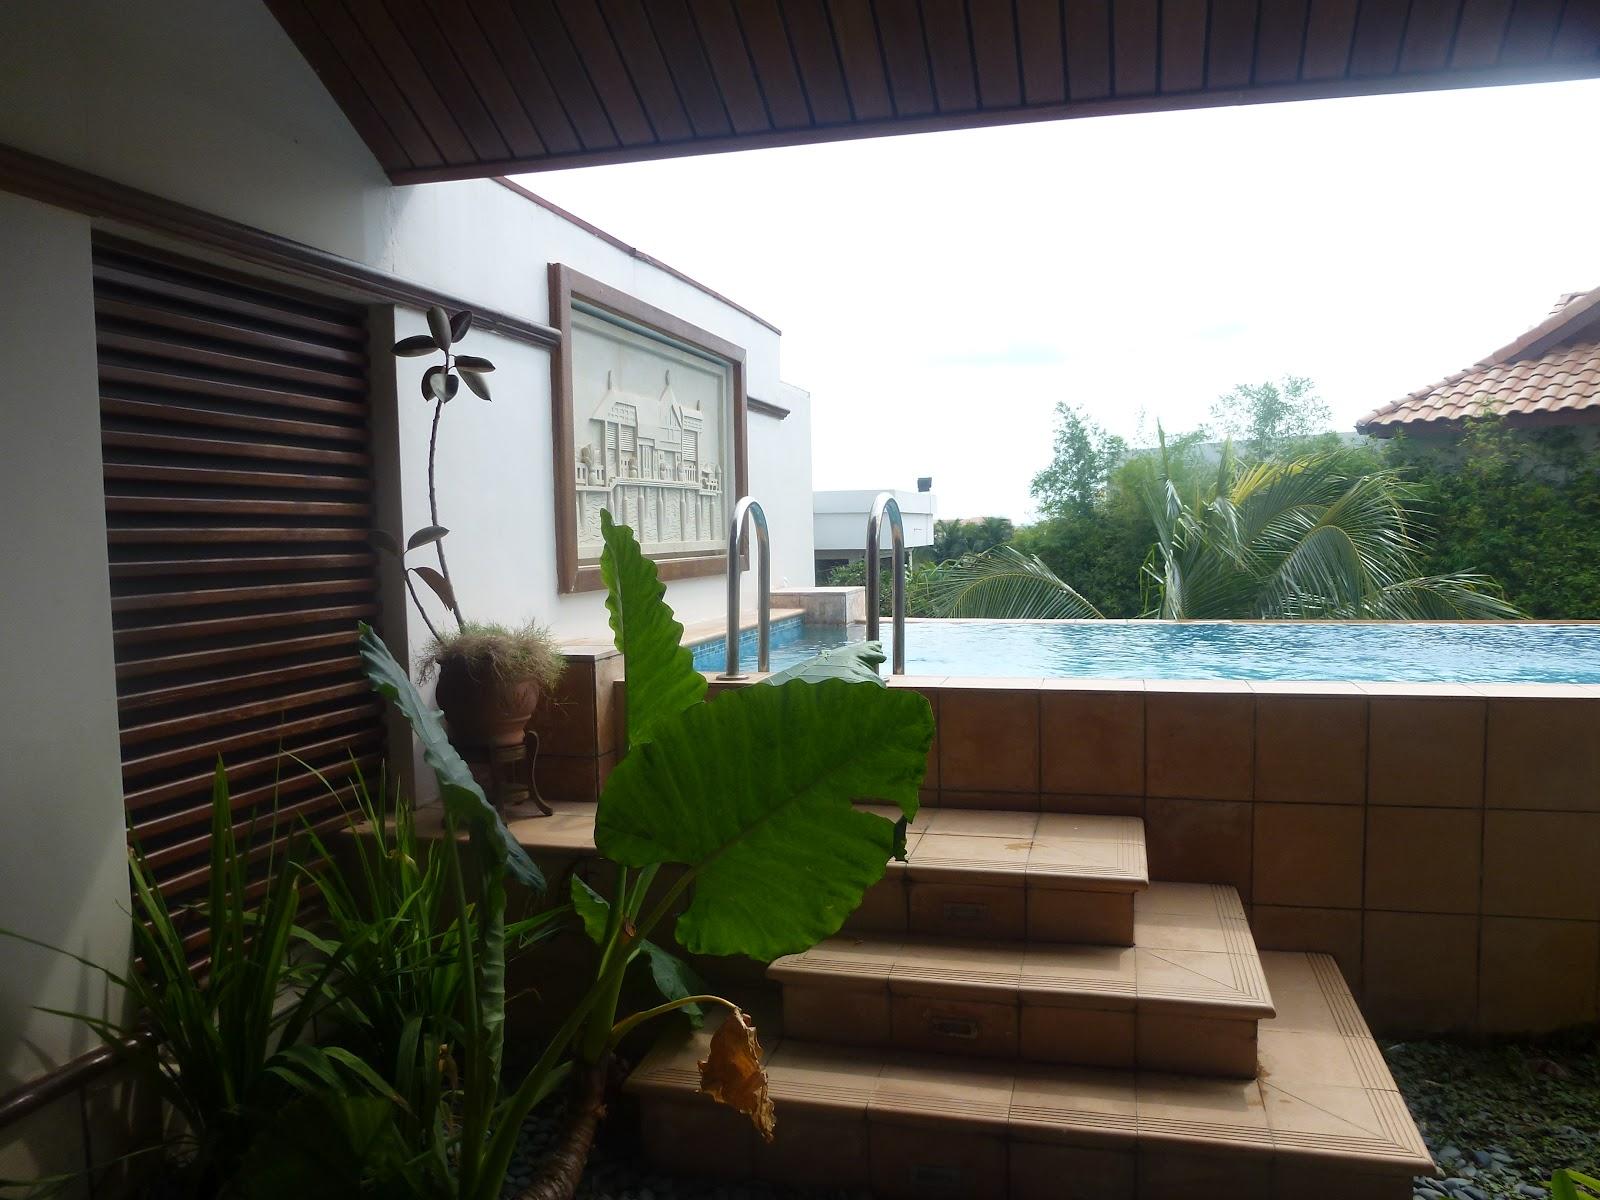 Rosniena setiap bicara penuh bermakna lepak di grand for Garden pool villa grand lexis pd